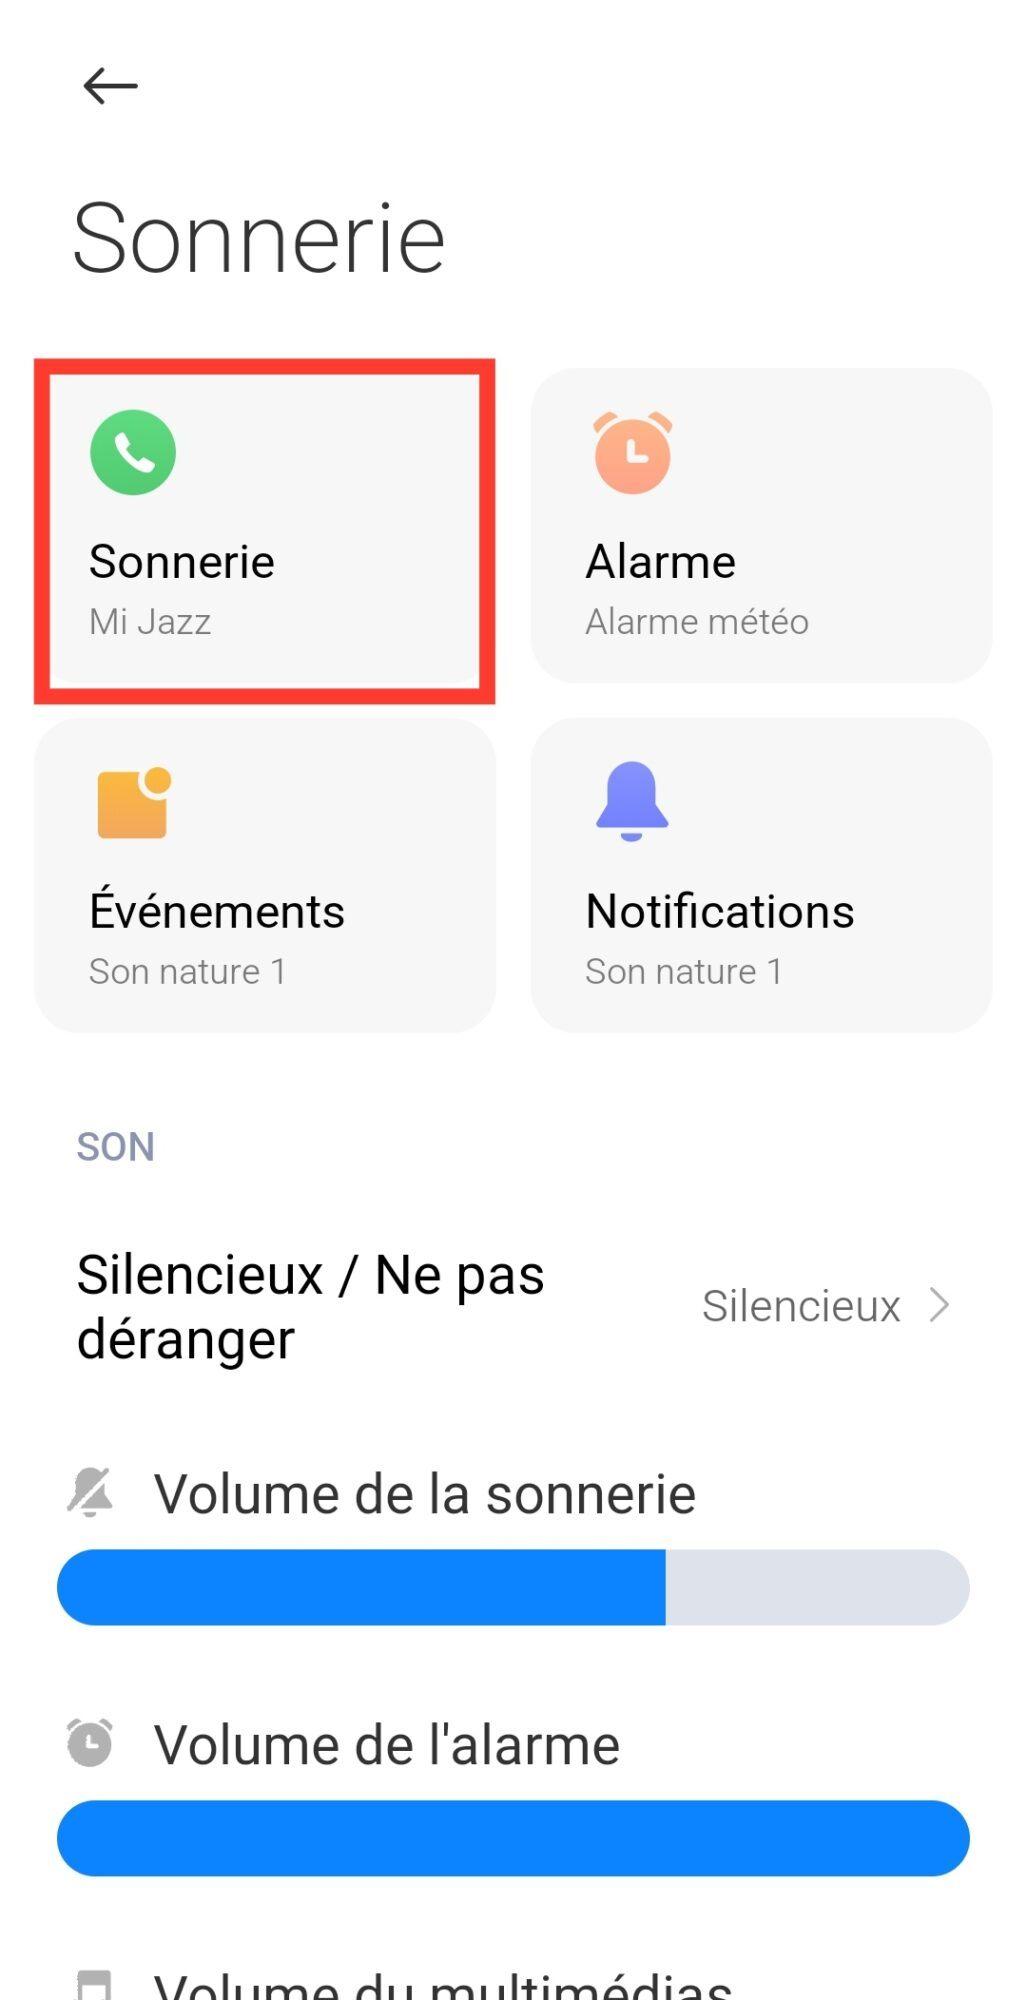 changer-la-sonnerie-de-son-smartphone-android